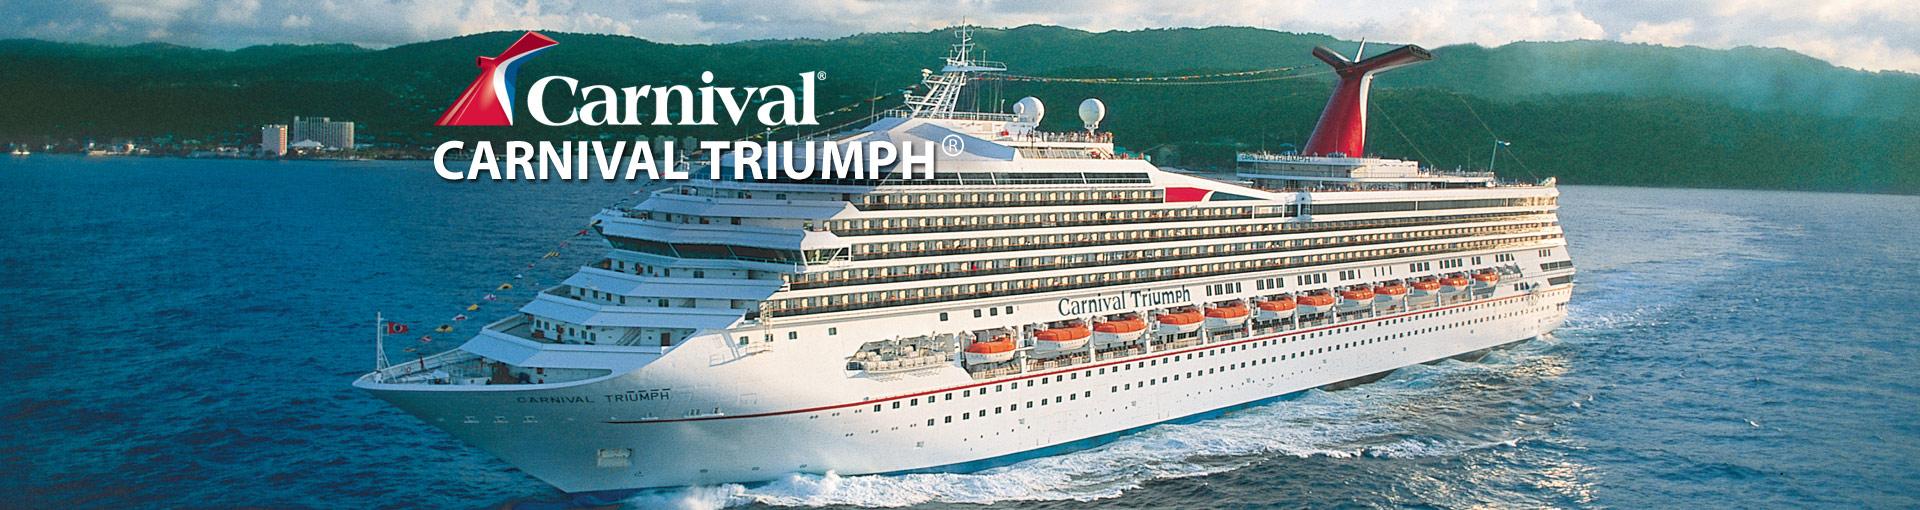 Carnival Triumph cruise ship